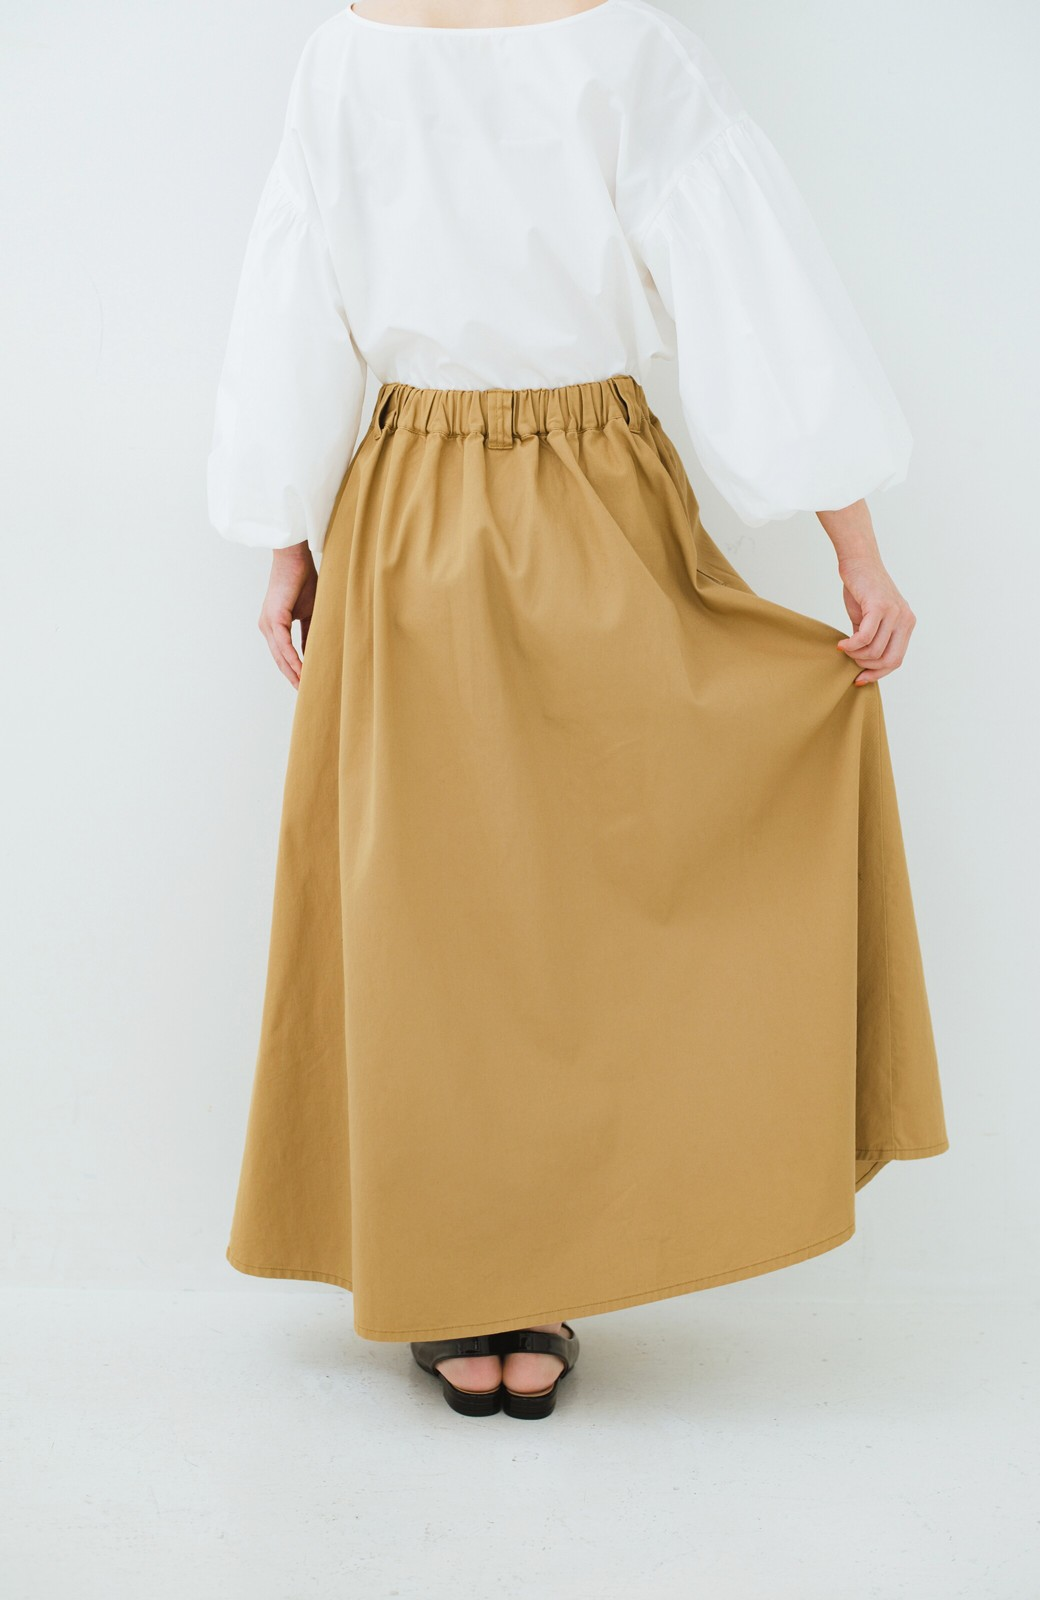 haco! 【スタッフスペシャルセット】ギリギリ女子ミオの夏のコーデに便利!手持ちのTシャツといけるんちゃうかセット  <その他>の商品写真14